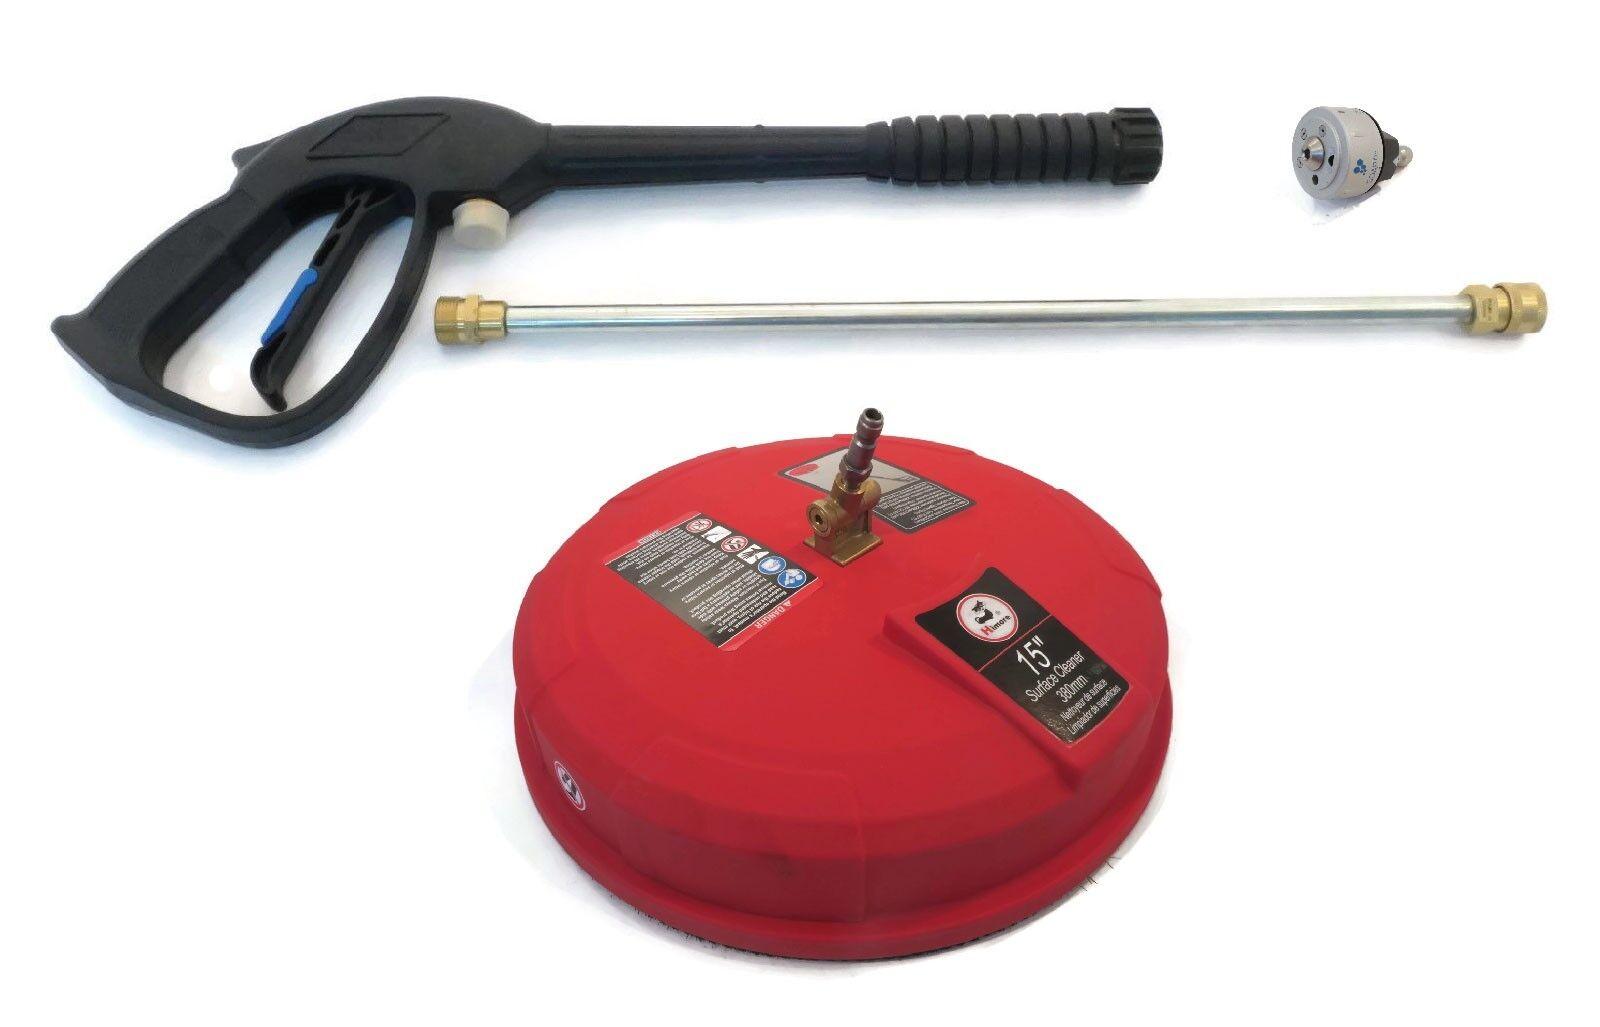 Nueva Pistola Rociadora, Varita, 5 en 1 Boquilla y súperficie limpia kit se ajusta himore 309515003